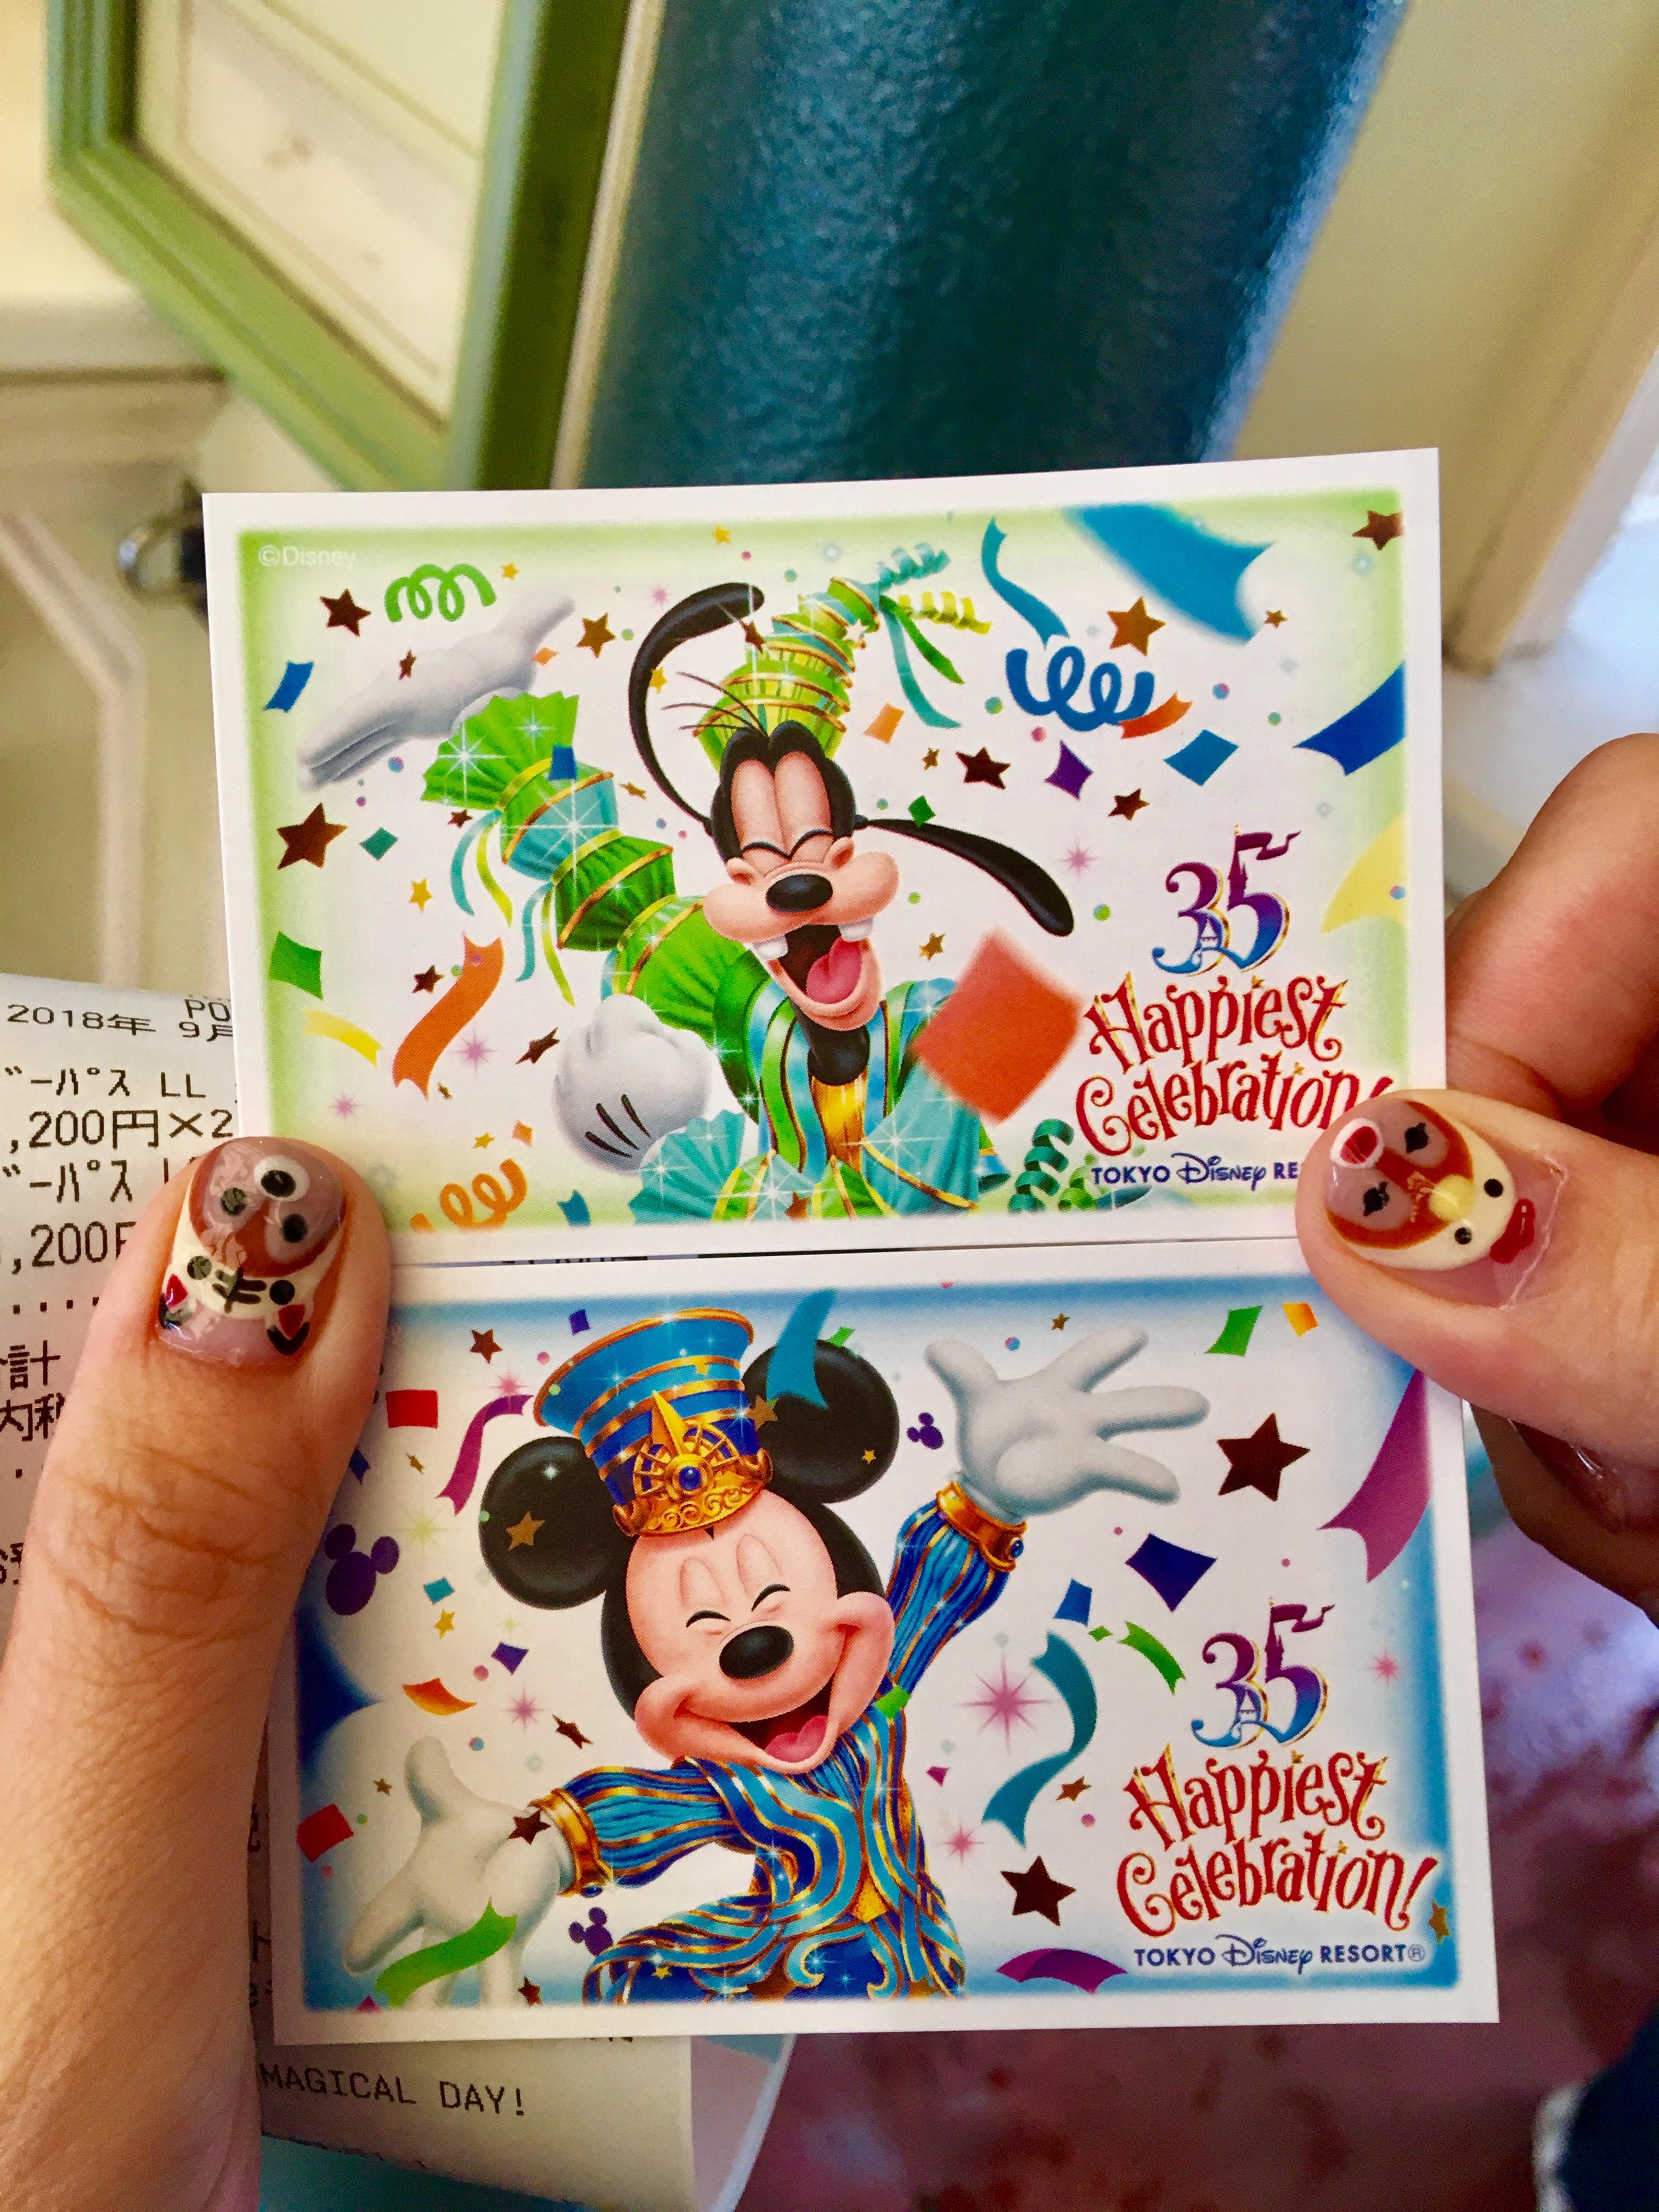 東京迪士尼紀念票